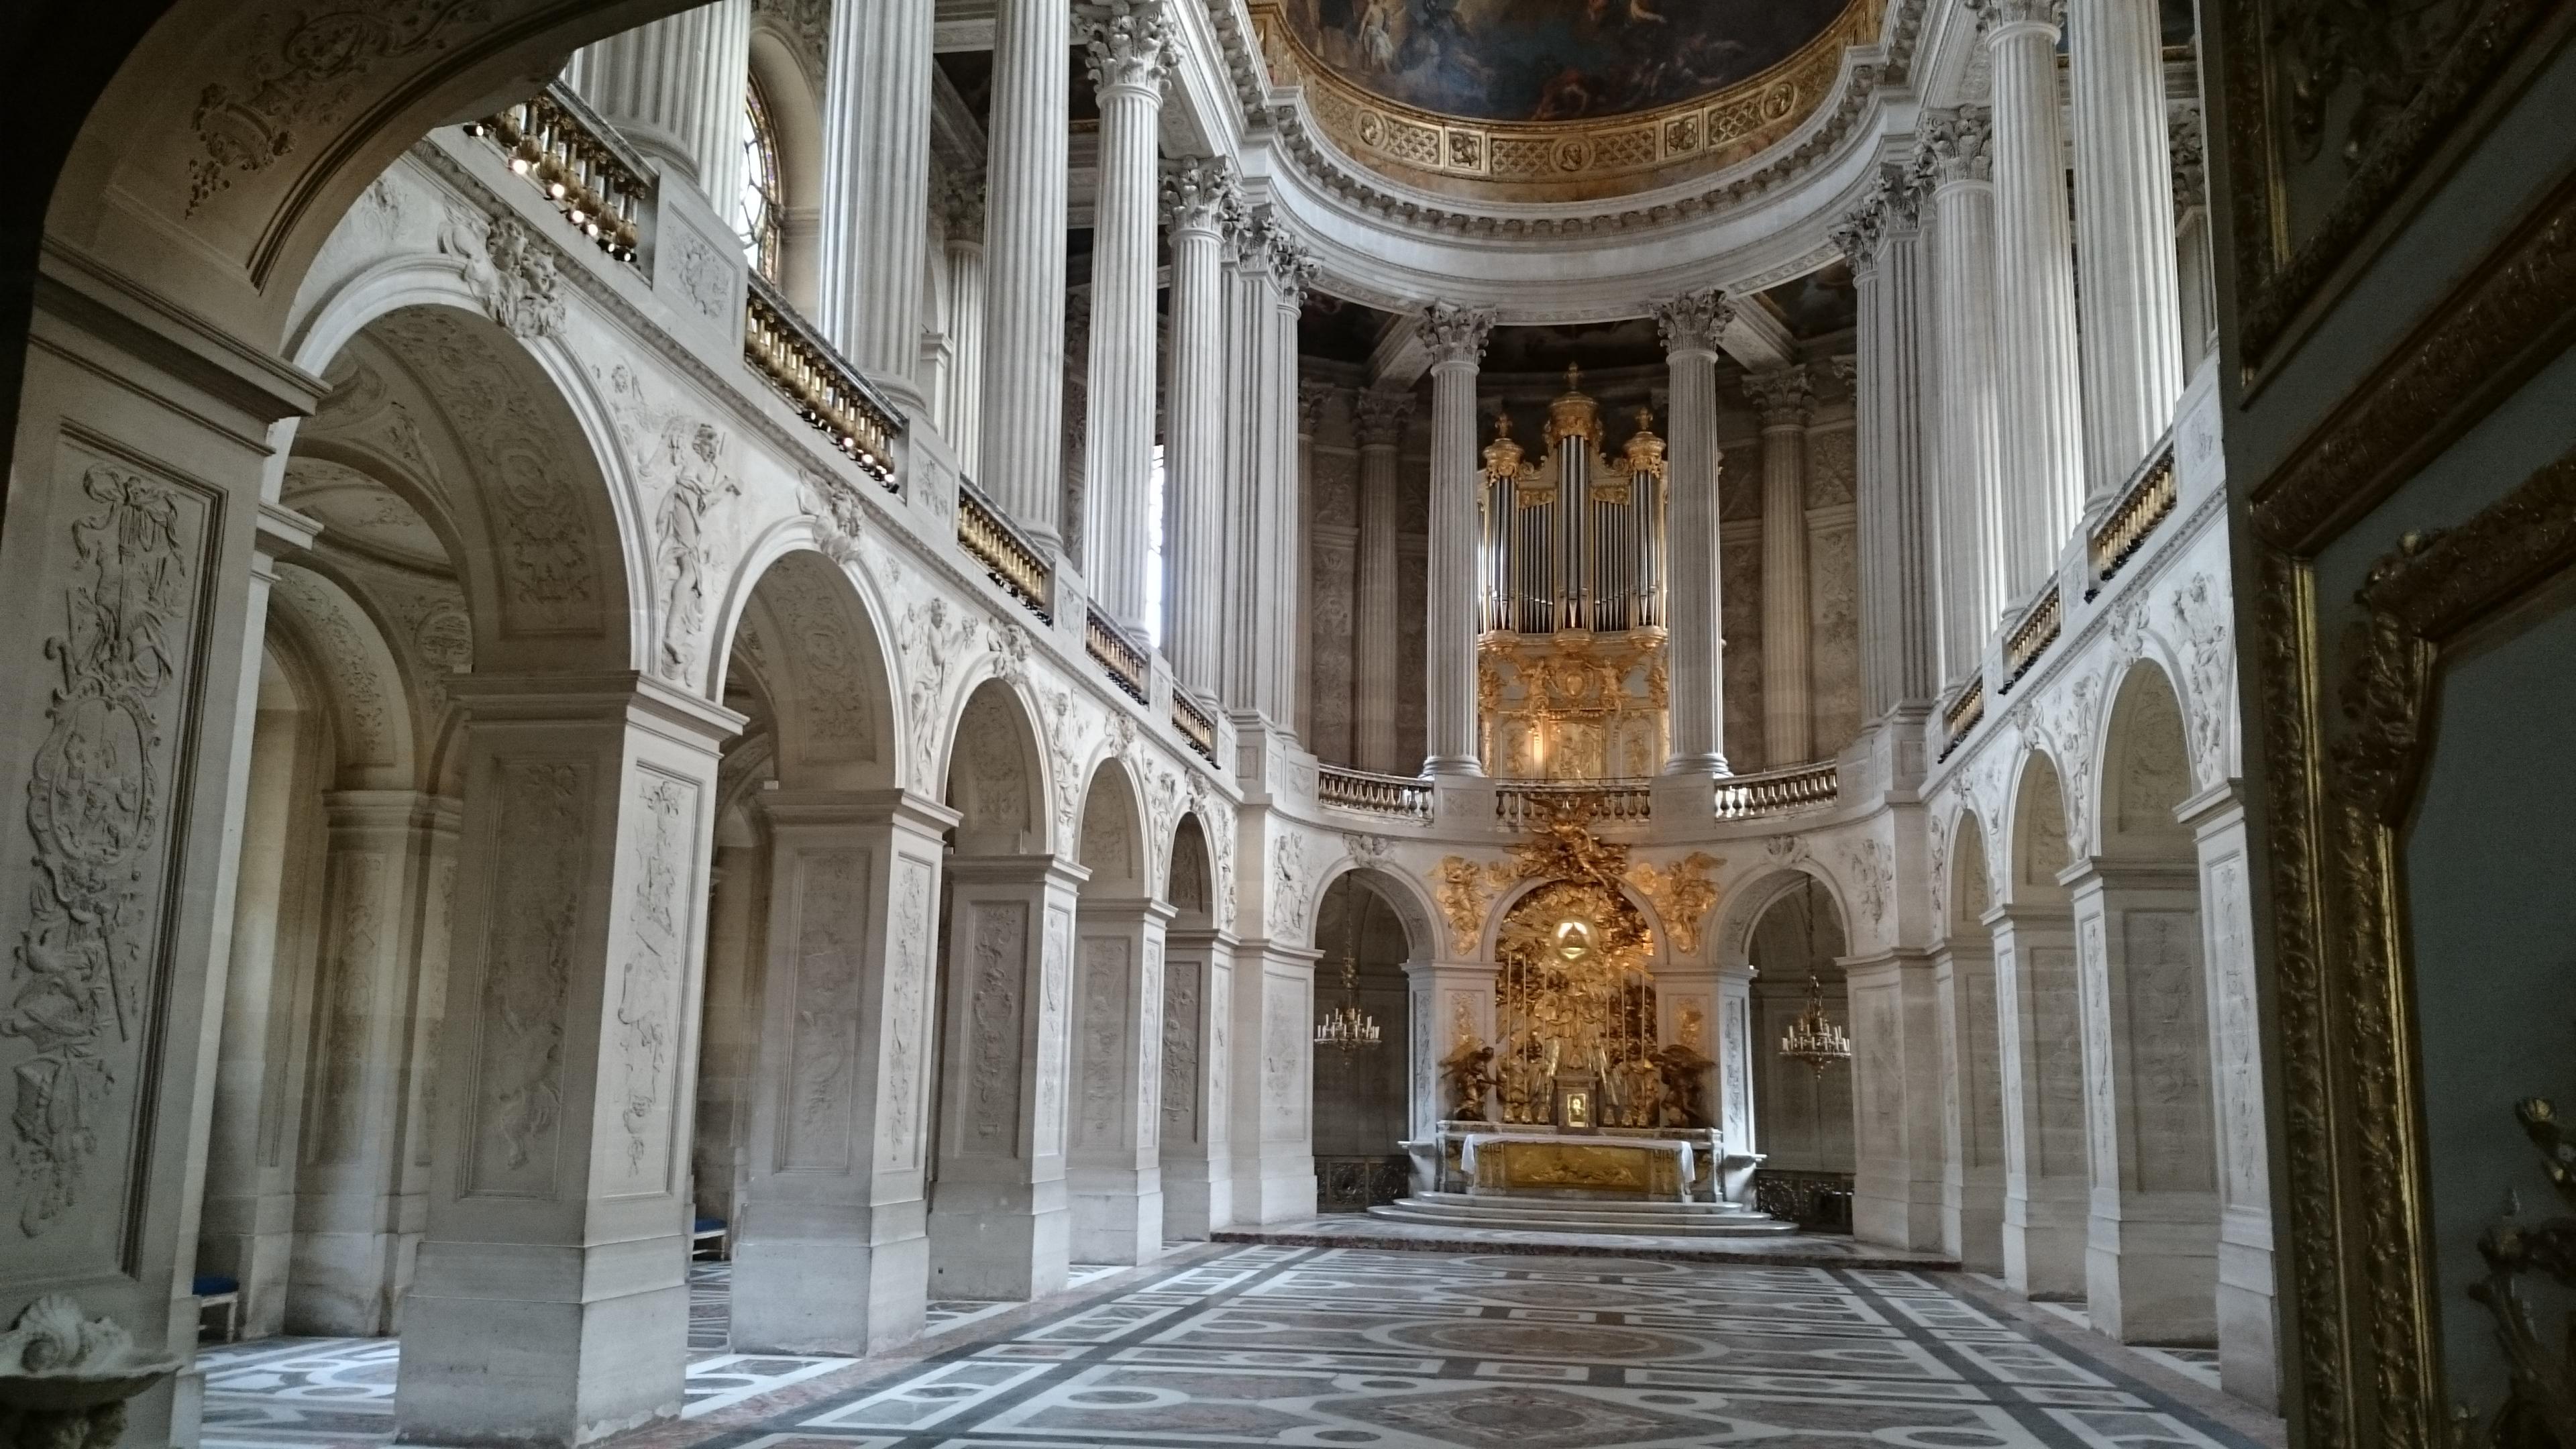 dsc 13161 - Visita al Palacio de Versalles: Como ir, cuanto cuesta y tips III/III